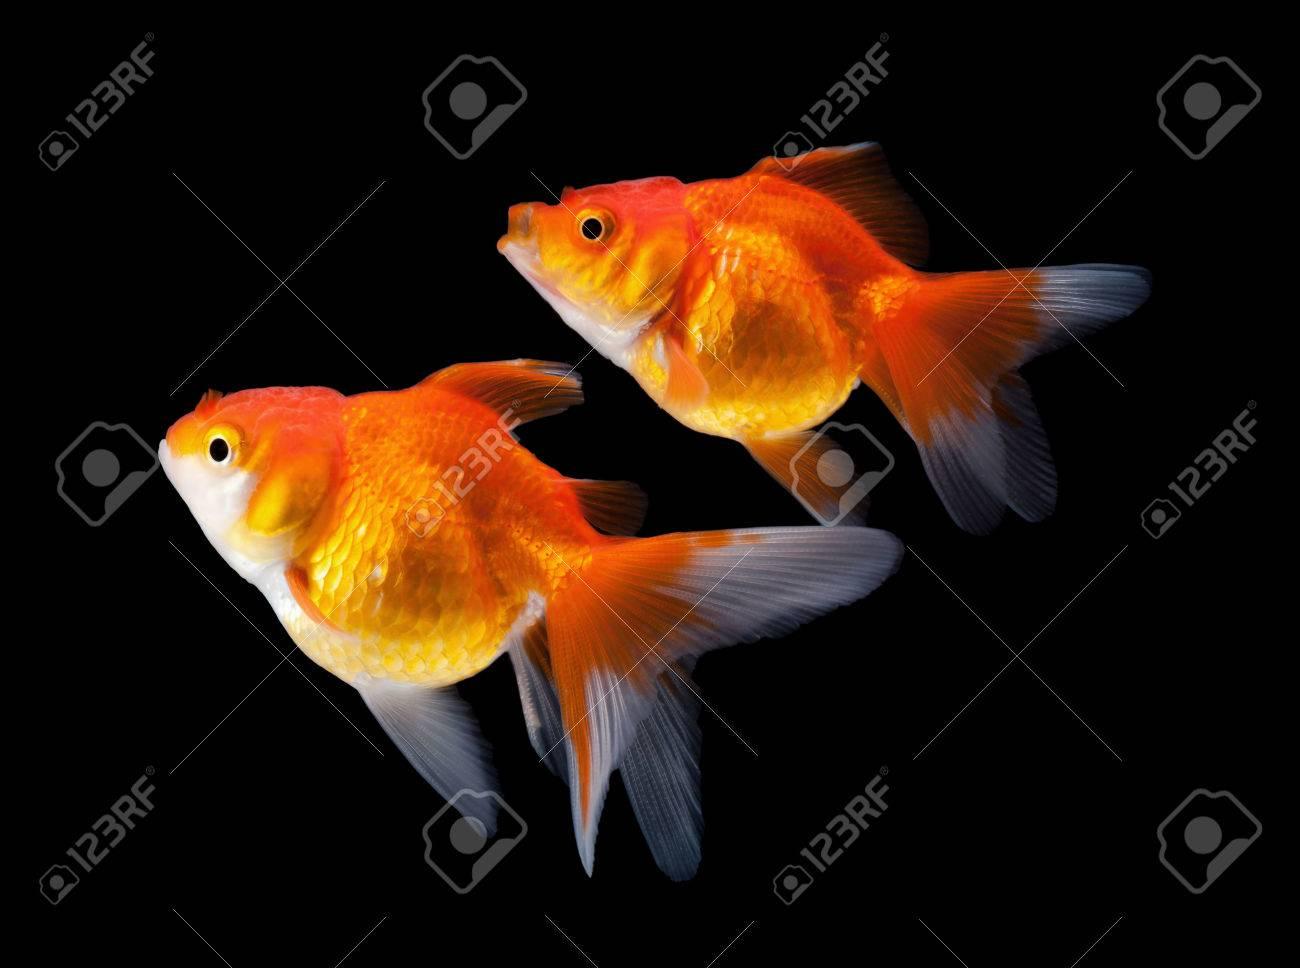 goldfish isolated on black background - 54275511